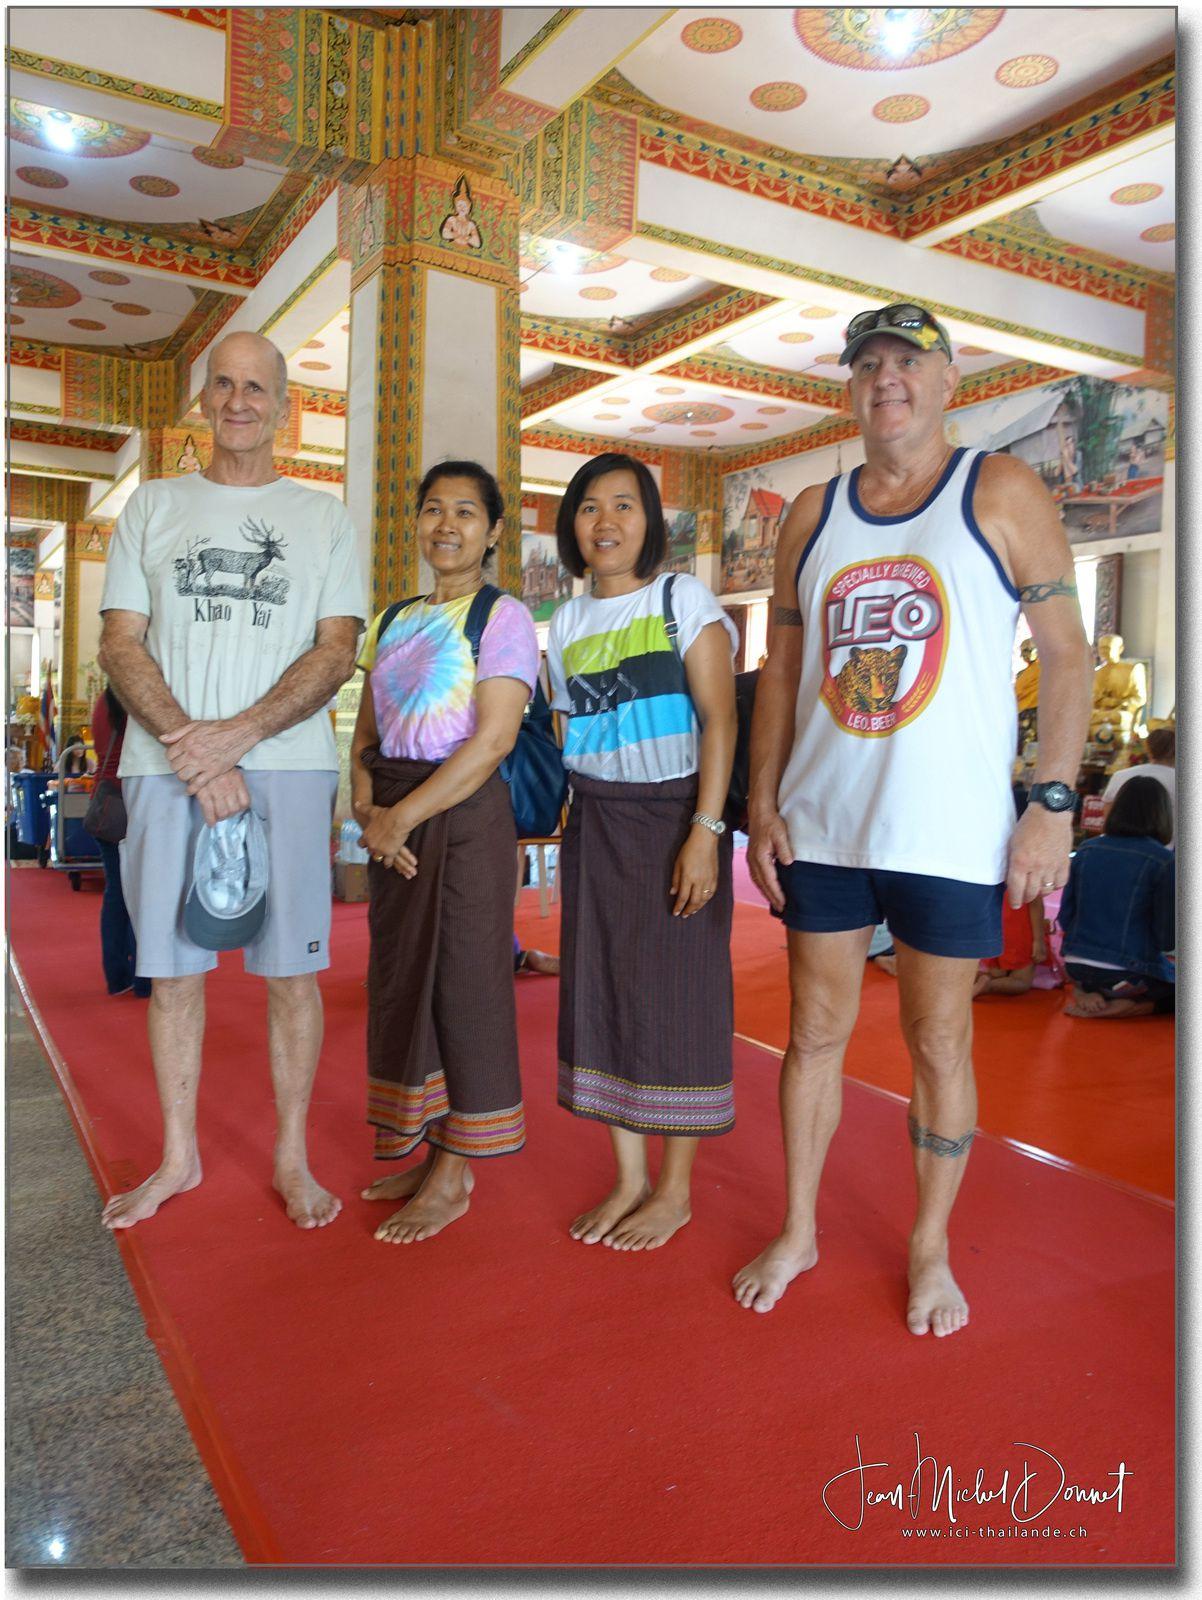 Moments de partage entre amis (Khon Kaen)